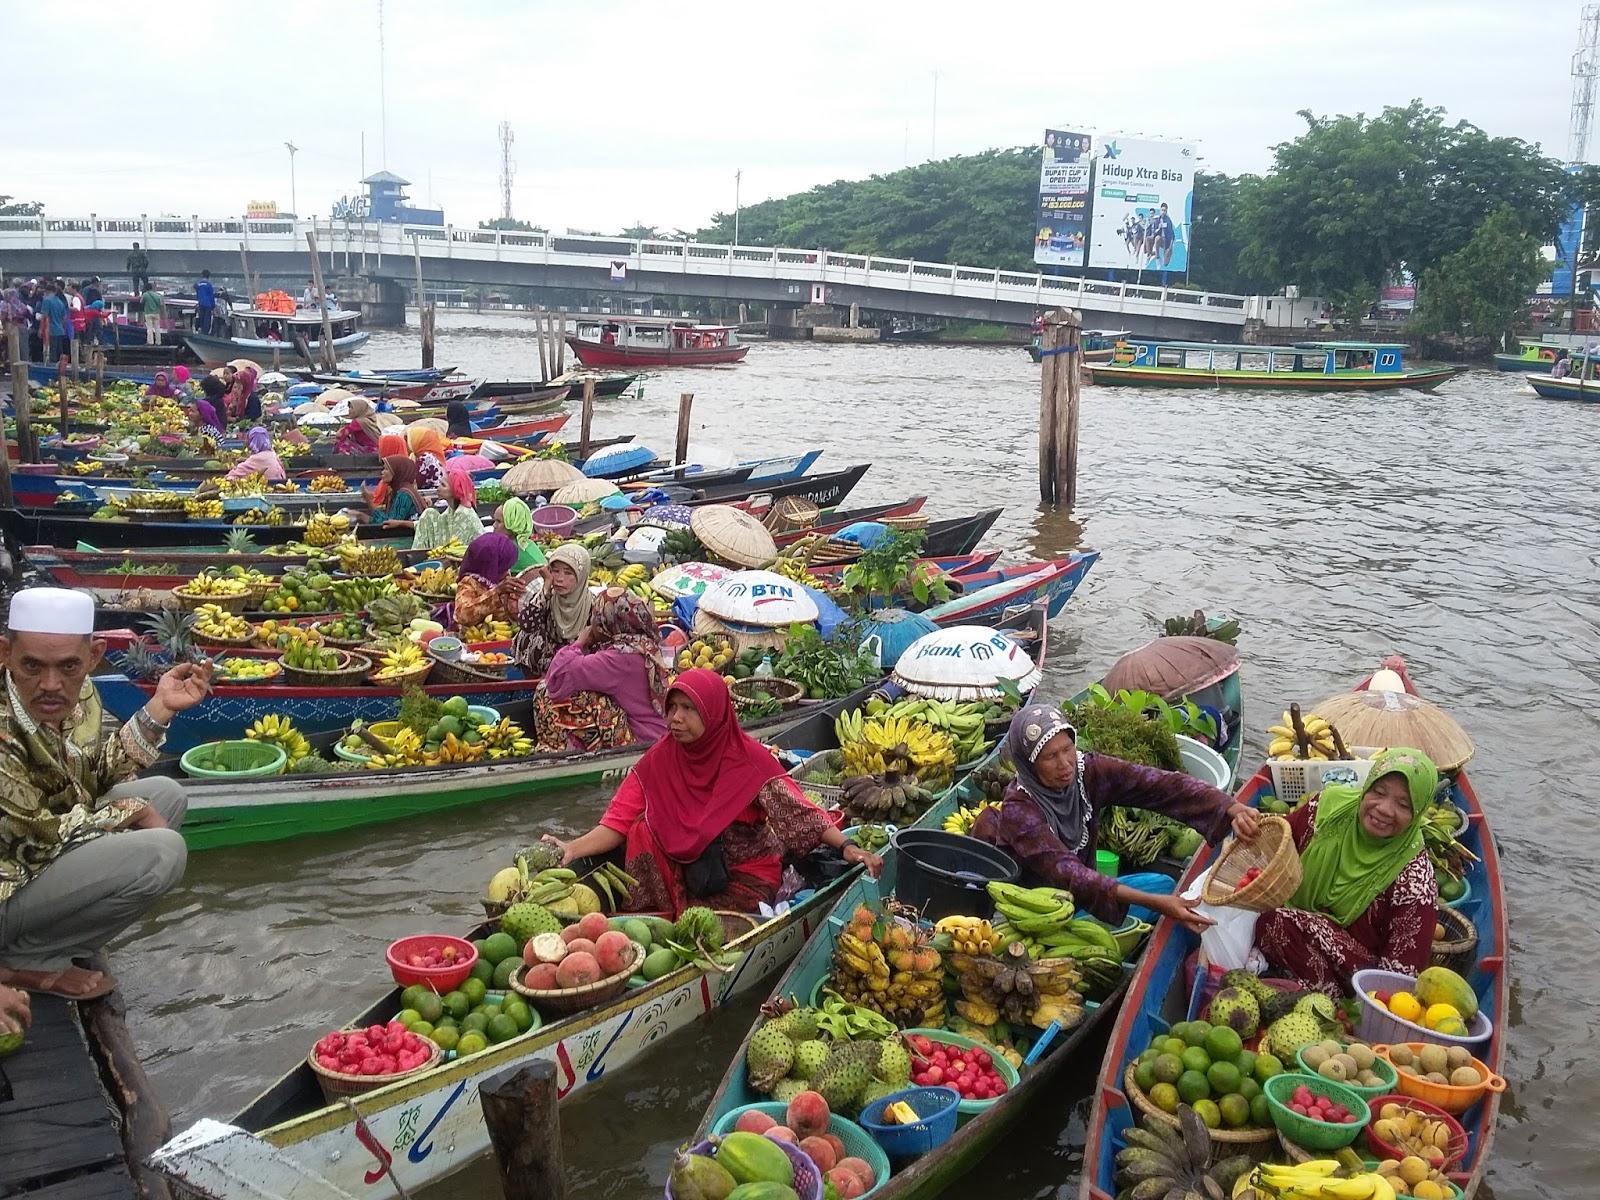 Pasar Terapung Siring Kota Banjarmasin Kalimantan Selatan Indonesia Pagi Setelah